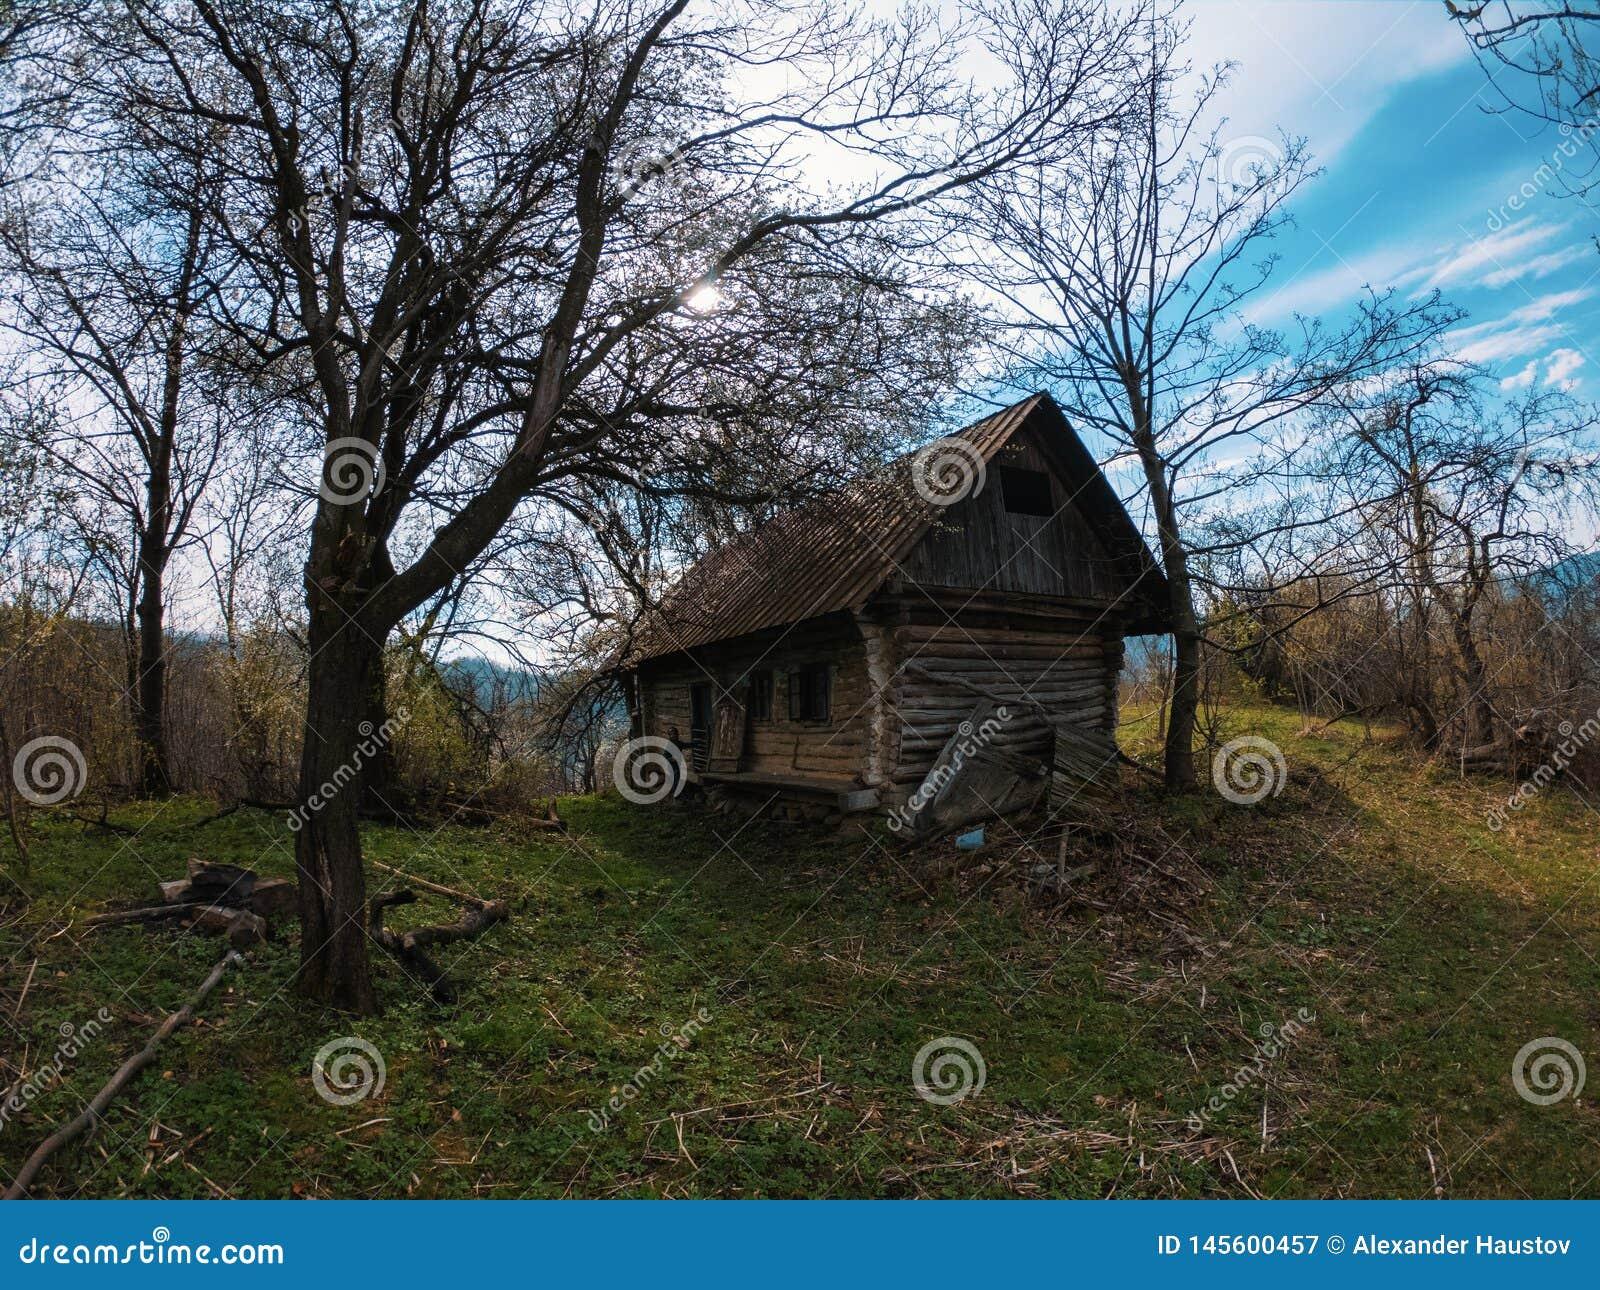 Malarski krajobrazowy stary obdrapany drewniany ma?y dom